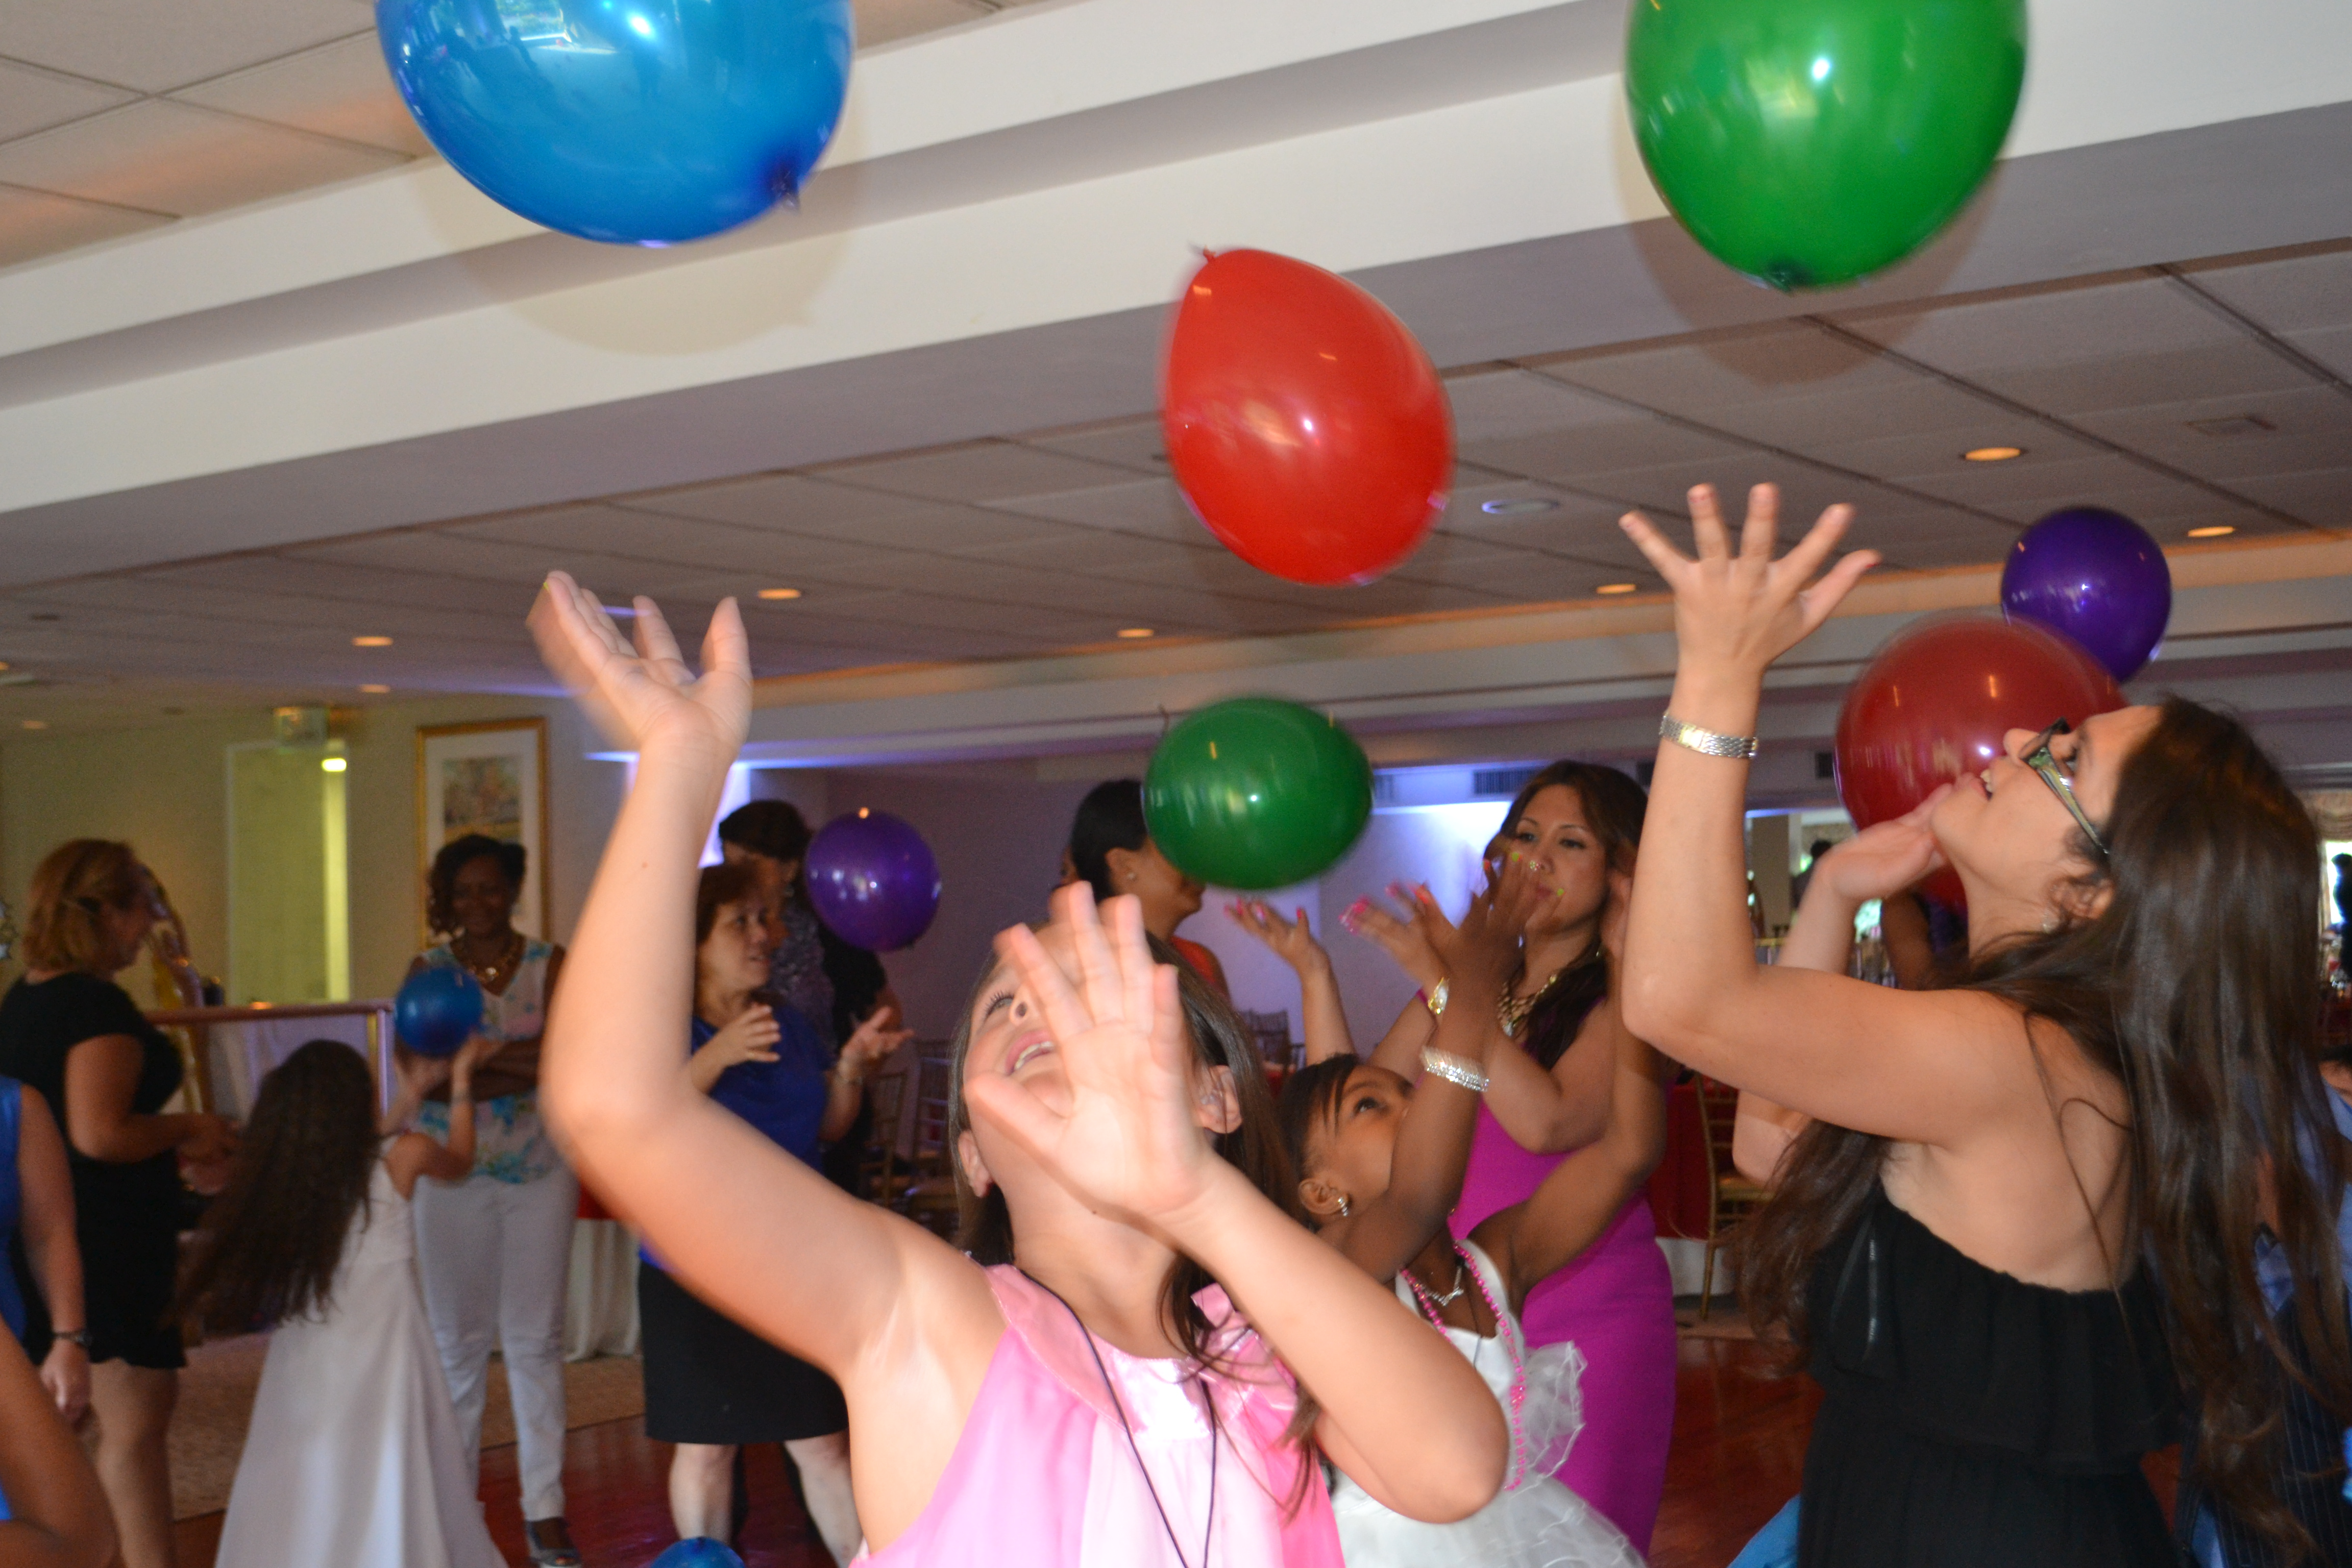 Ballooons